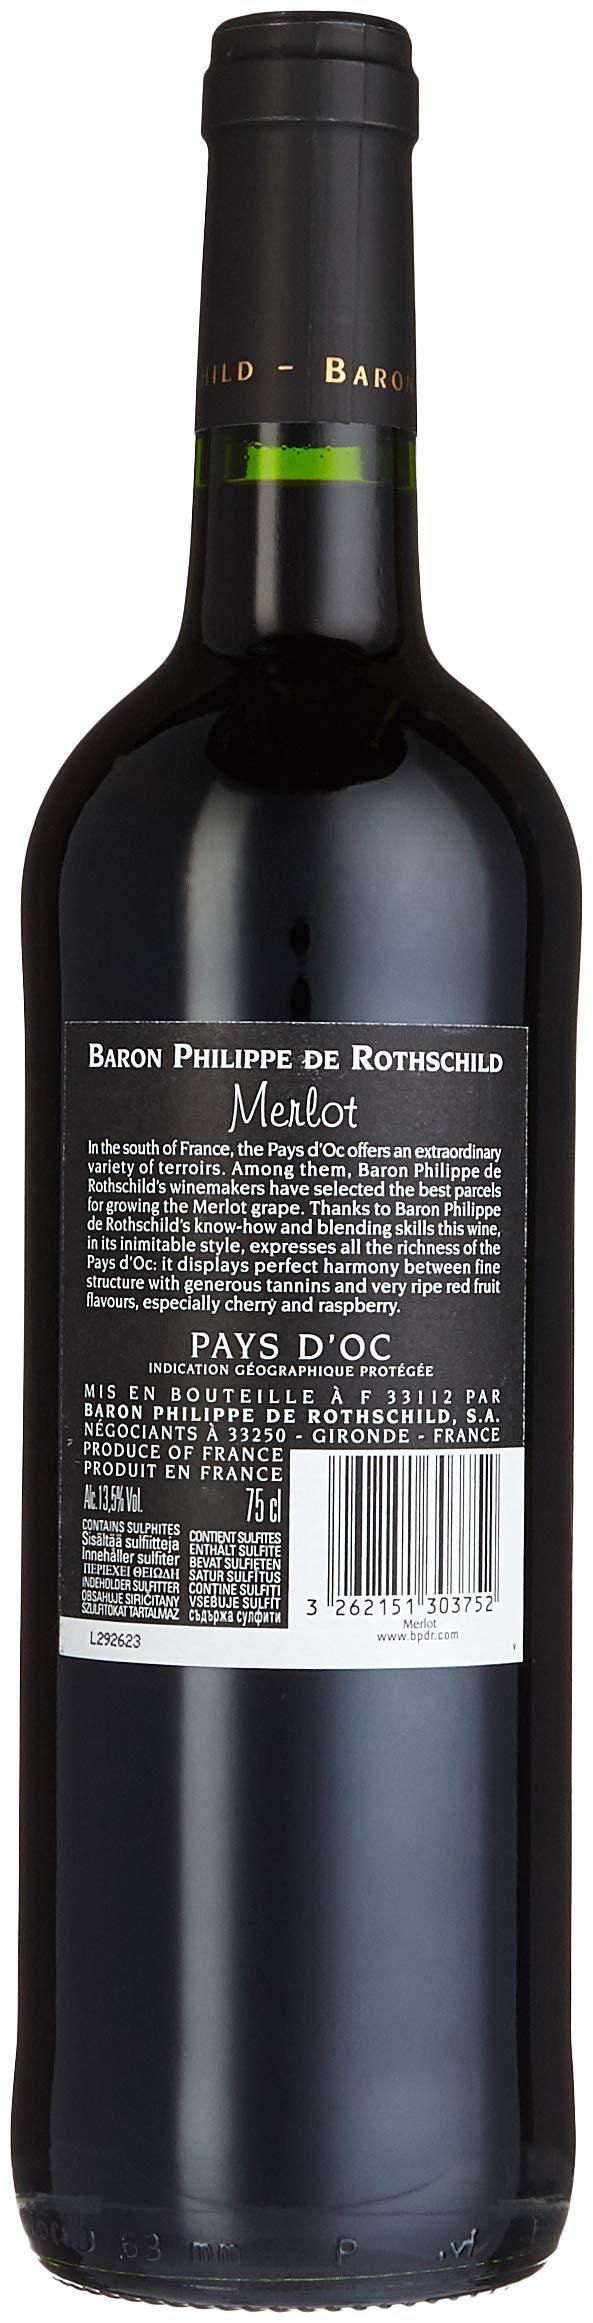 Baron-Philippe-de-Rothschild-Les-Cpages-Merlot-2016-trocken-1-x-075-l